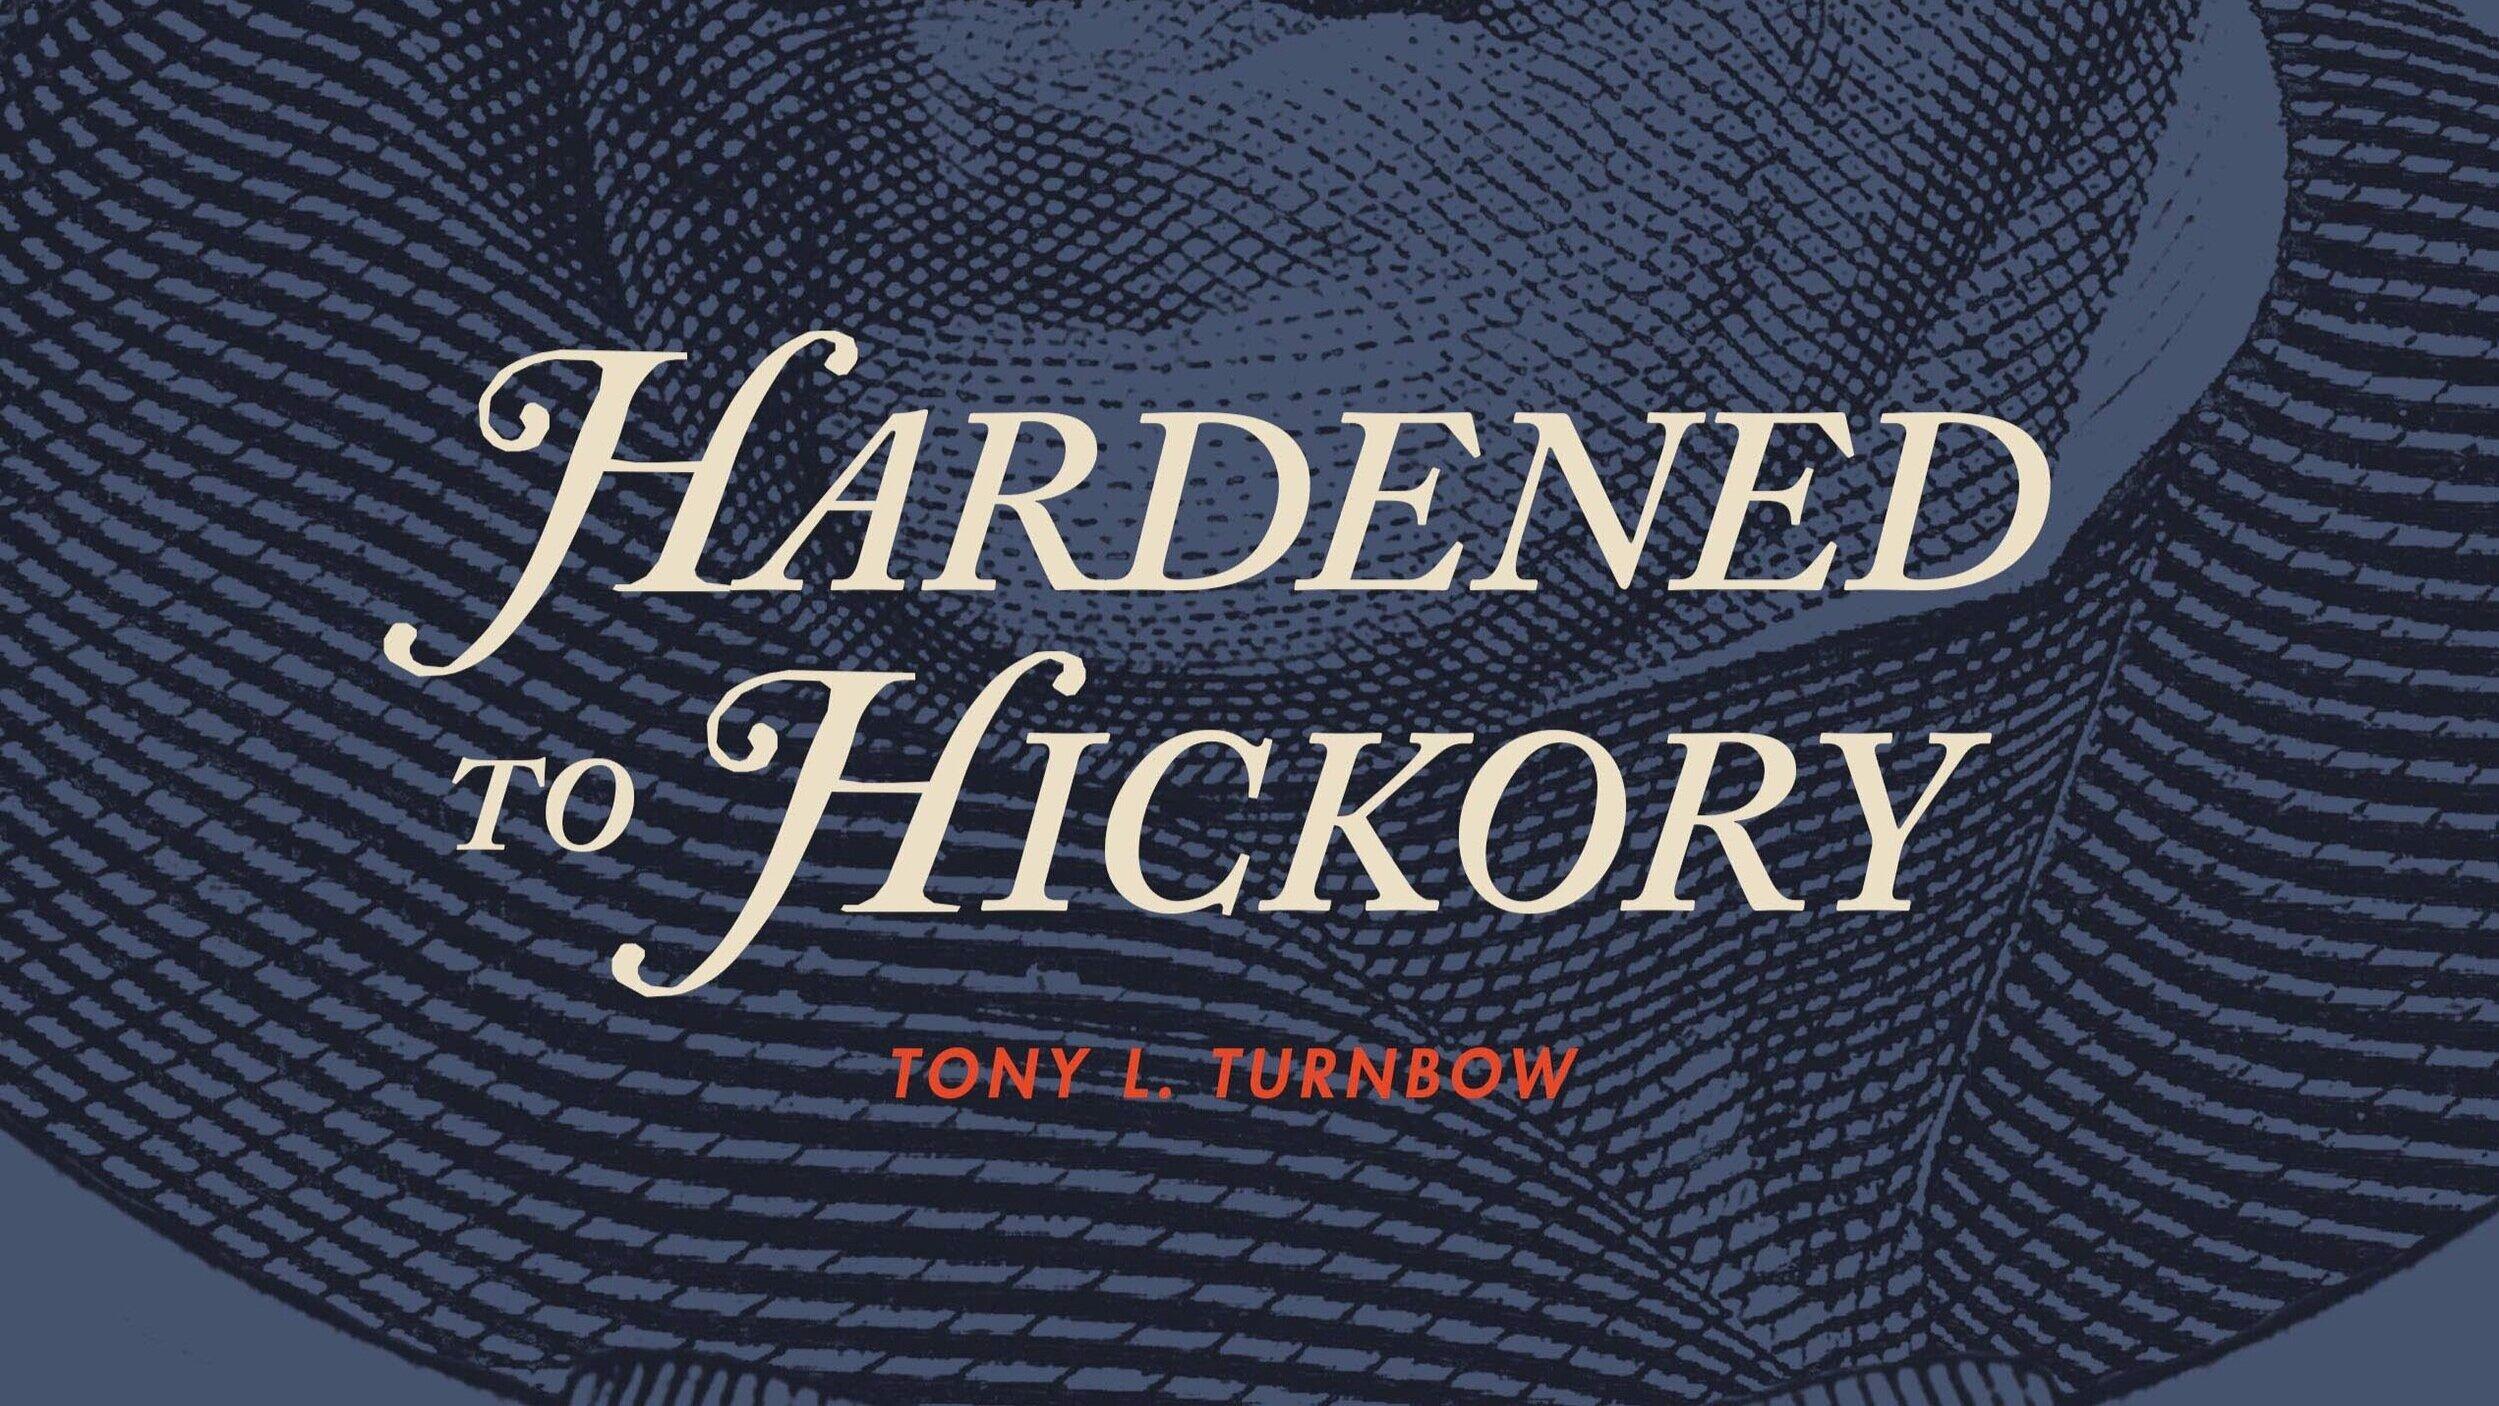 Tony Turnbow - Hardened to Hickory